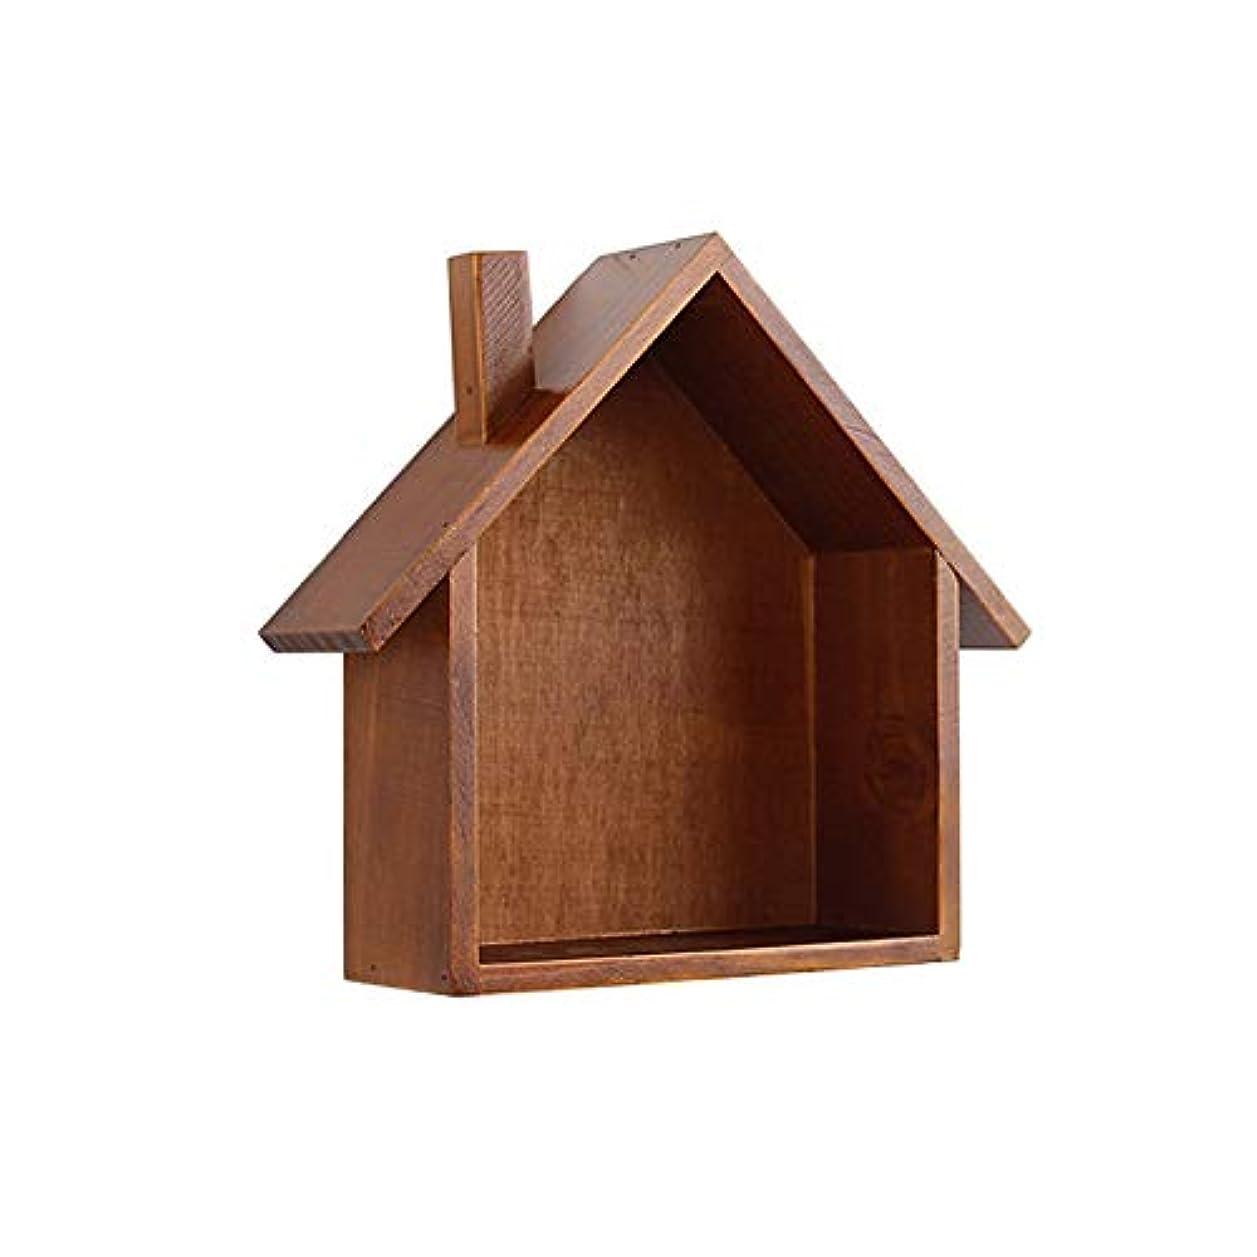 ターミナル冷える突然Kth ヴィンテージ茶色の木製の家の壁の棚多機能ストレージオーガナイザーをぶら下げている創造的な格子の壁